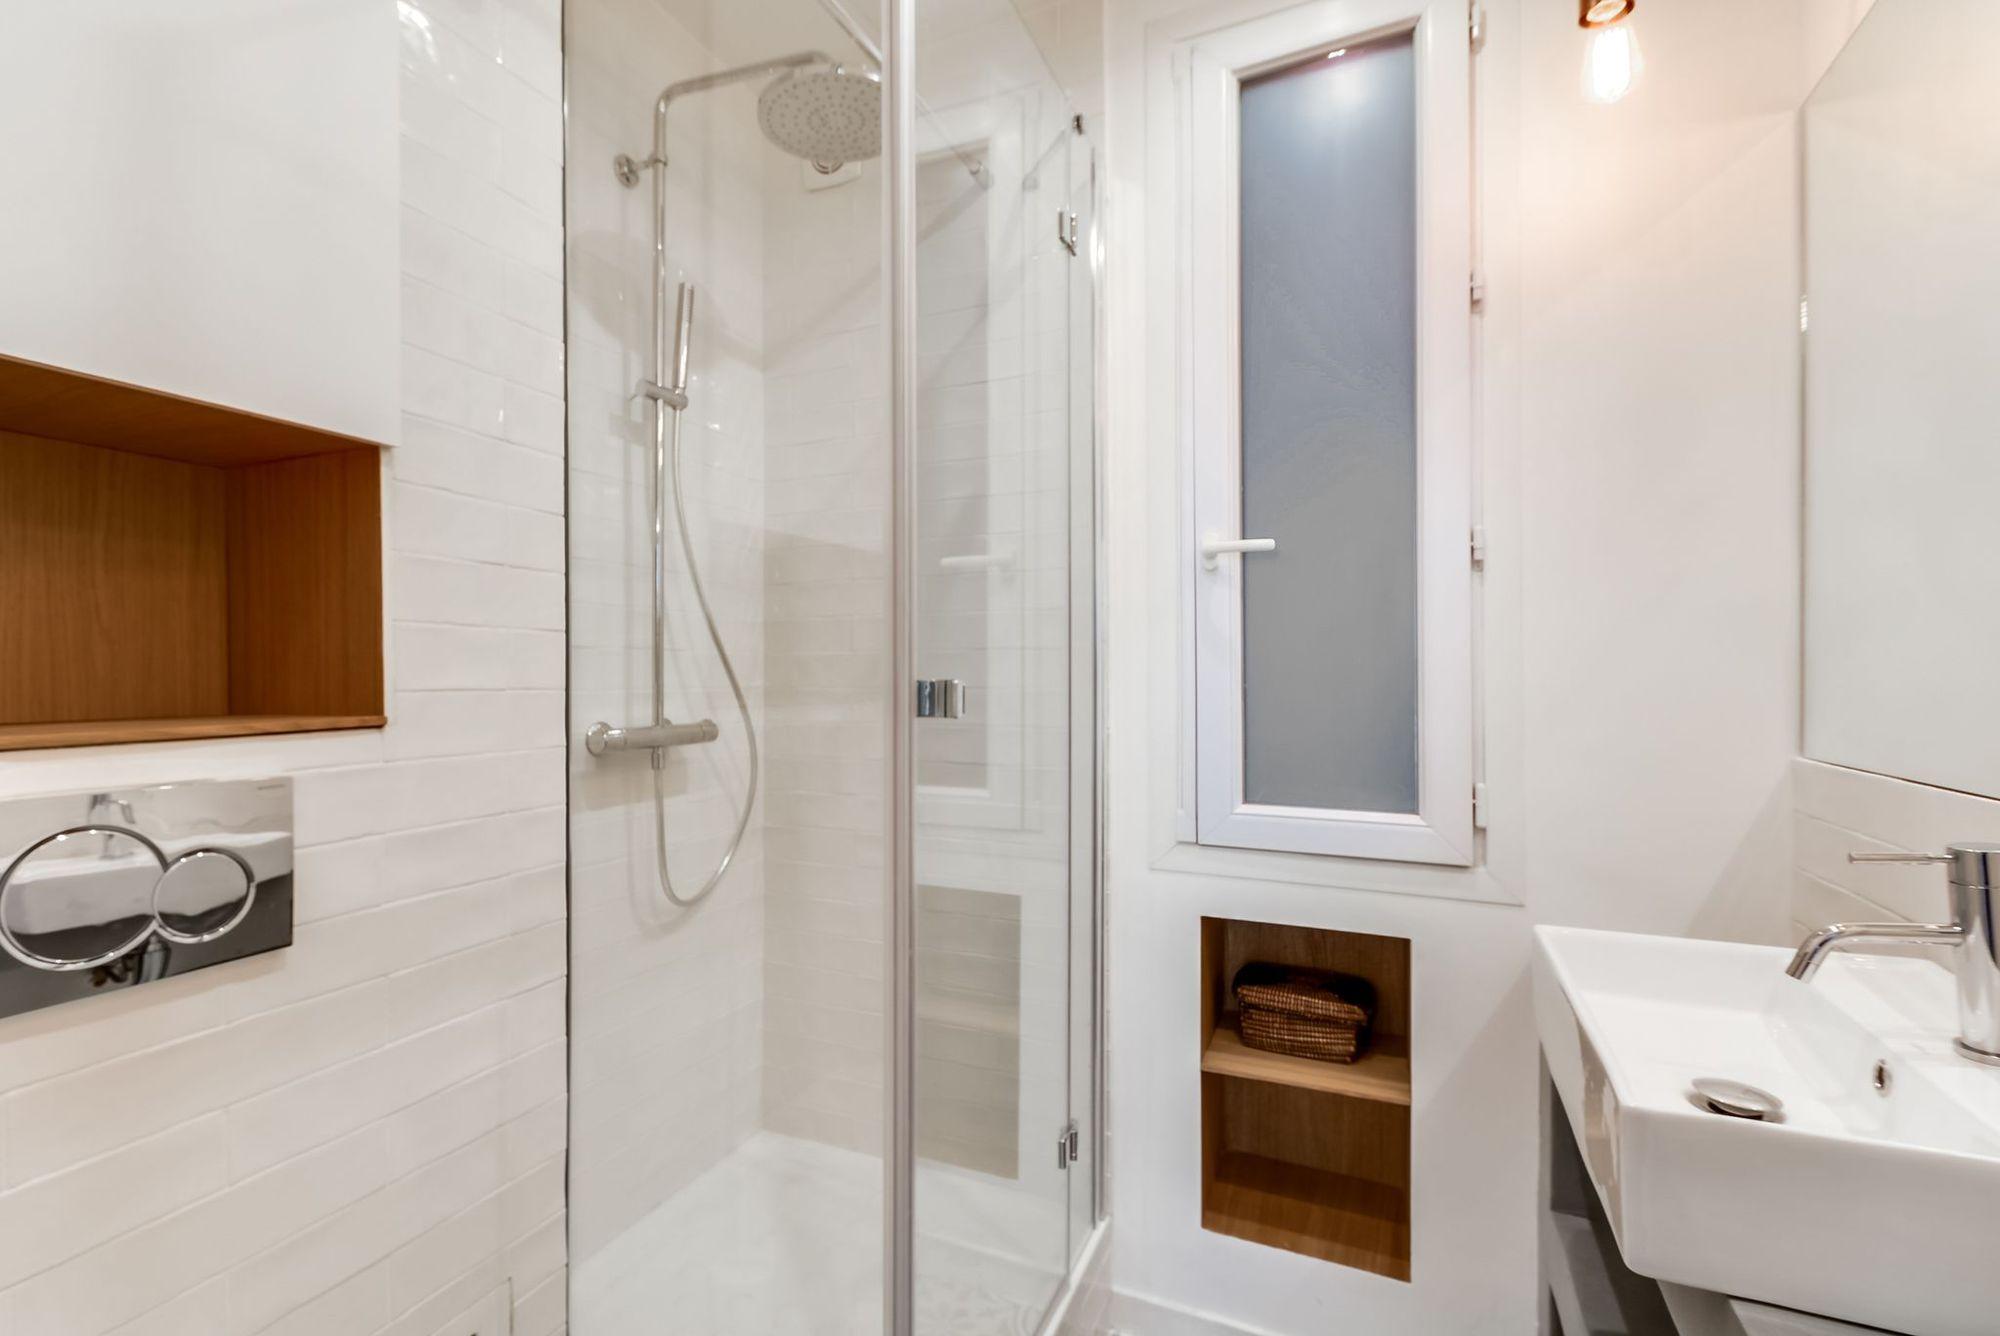 Meuble Salle De Bain Coktail Scandinave ~ Small Apartments Petits Appartements Www Leblog2charliemike Com